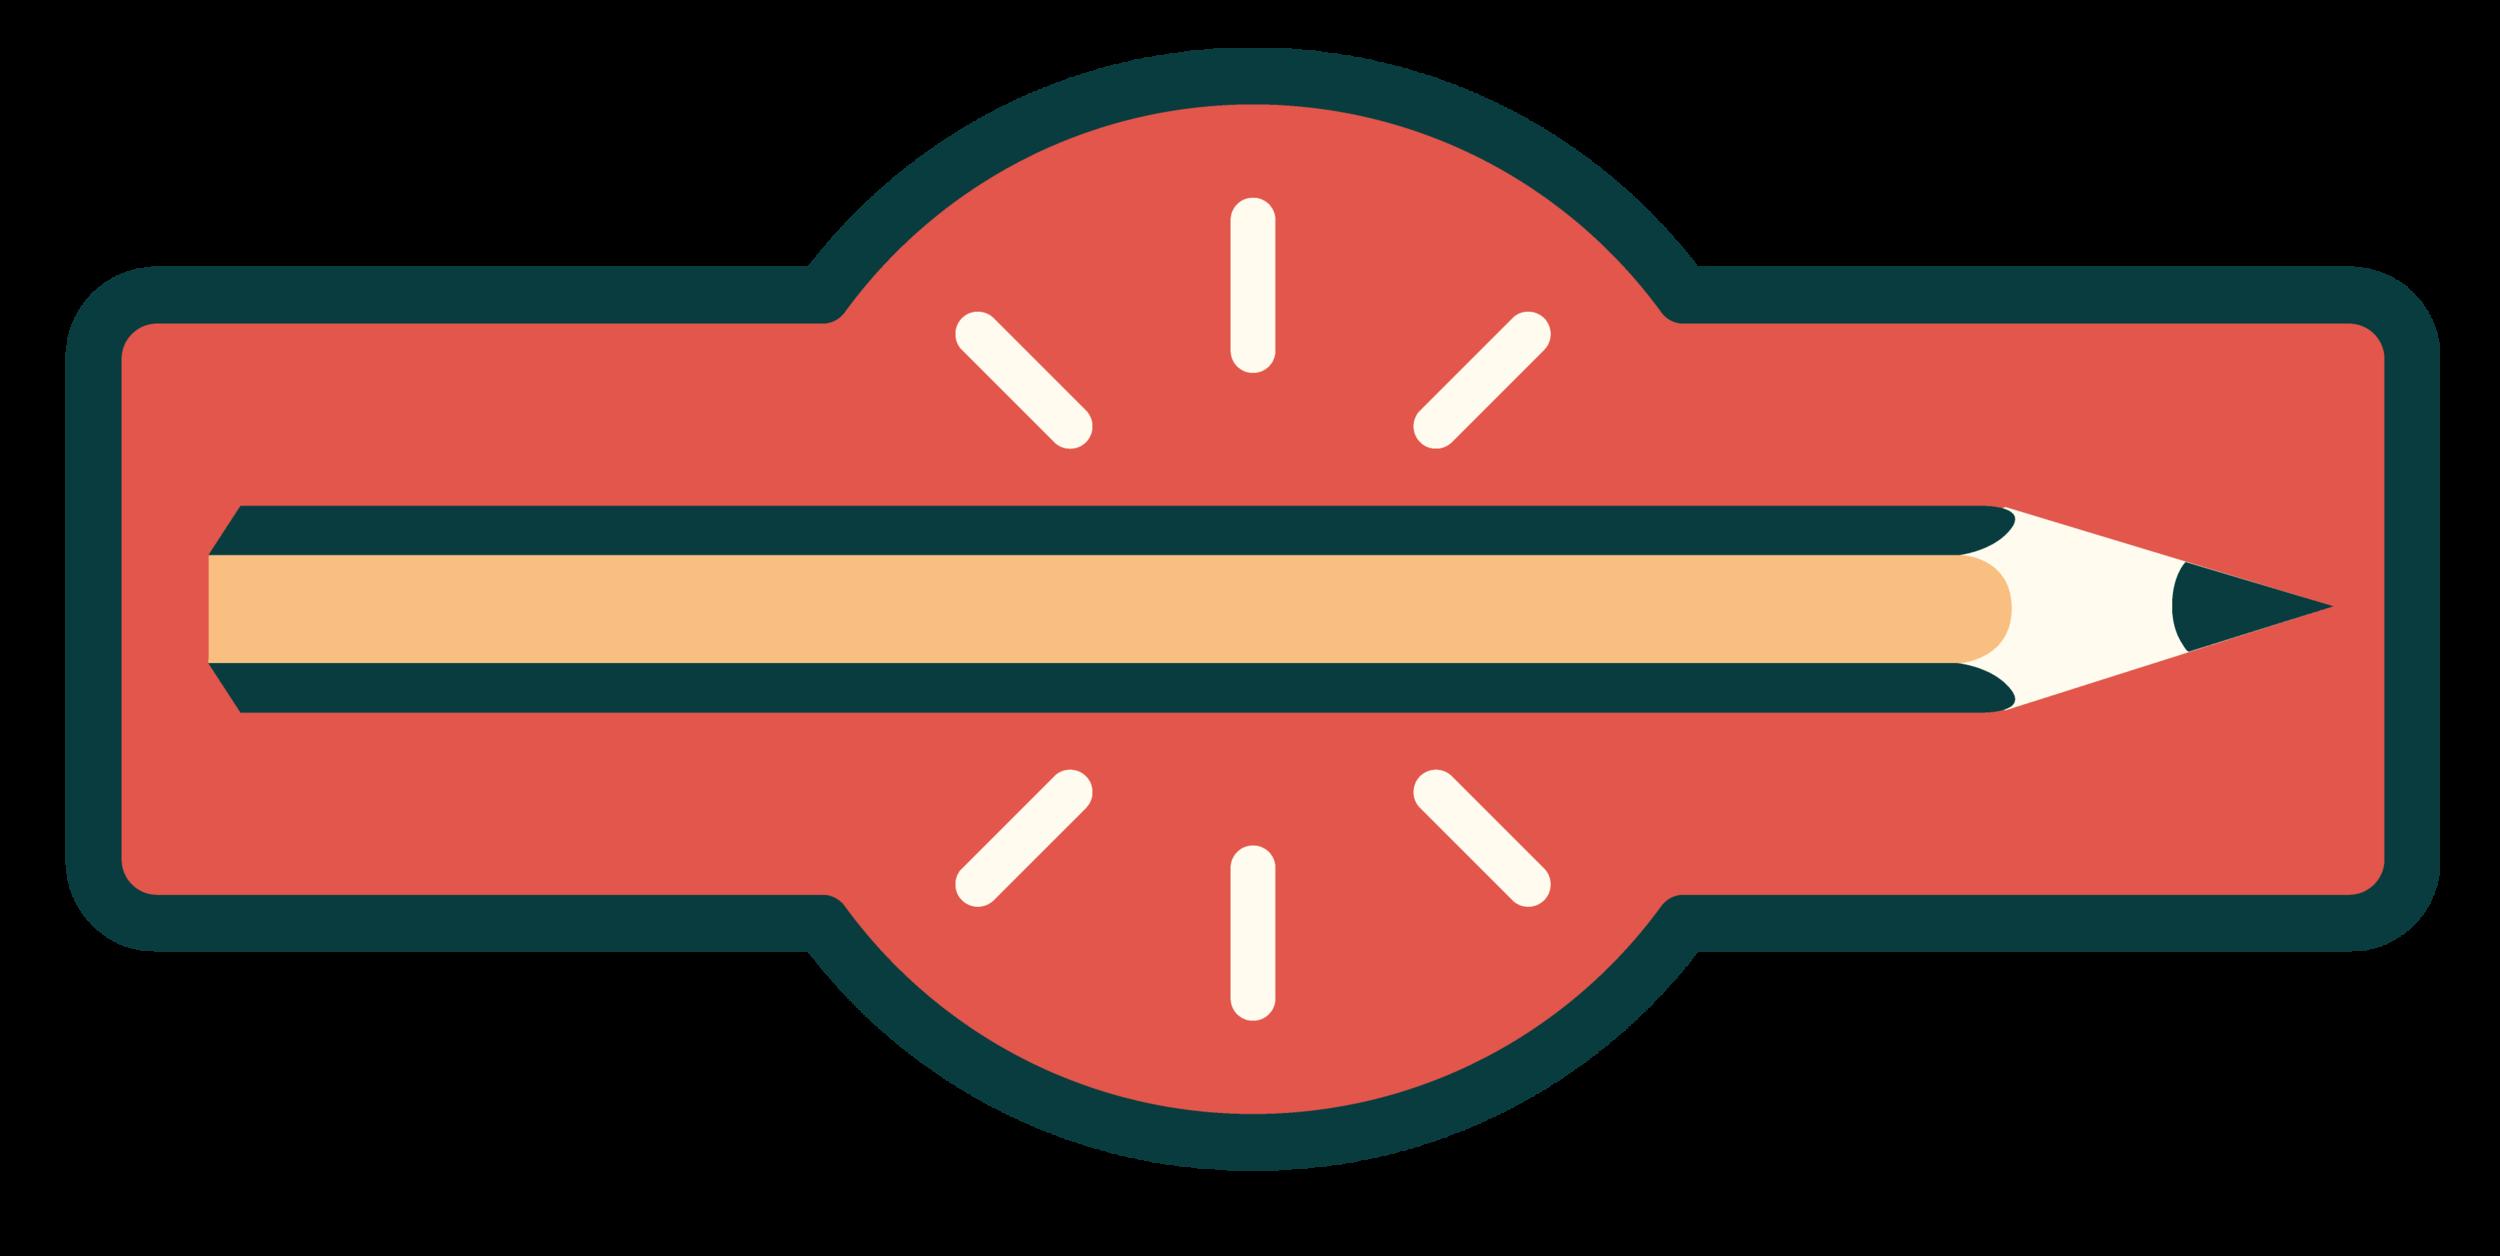 LFF009-Pencil-Vector-Badge.png